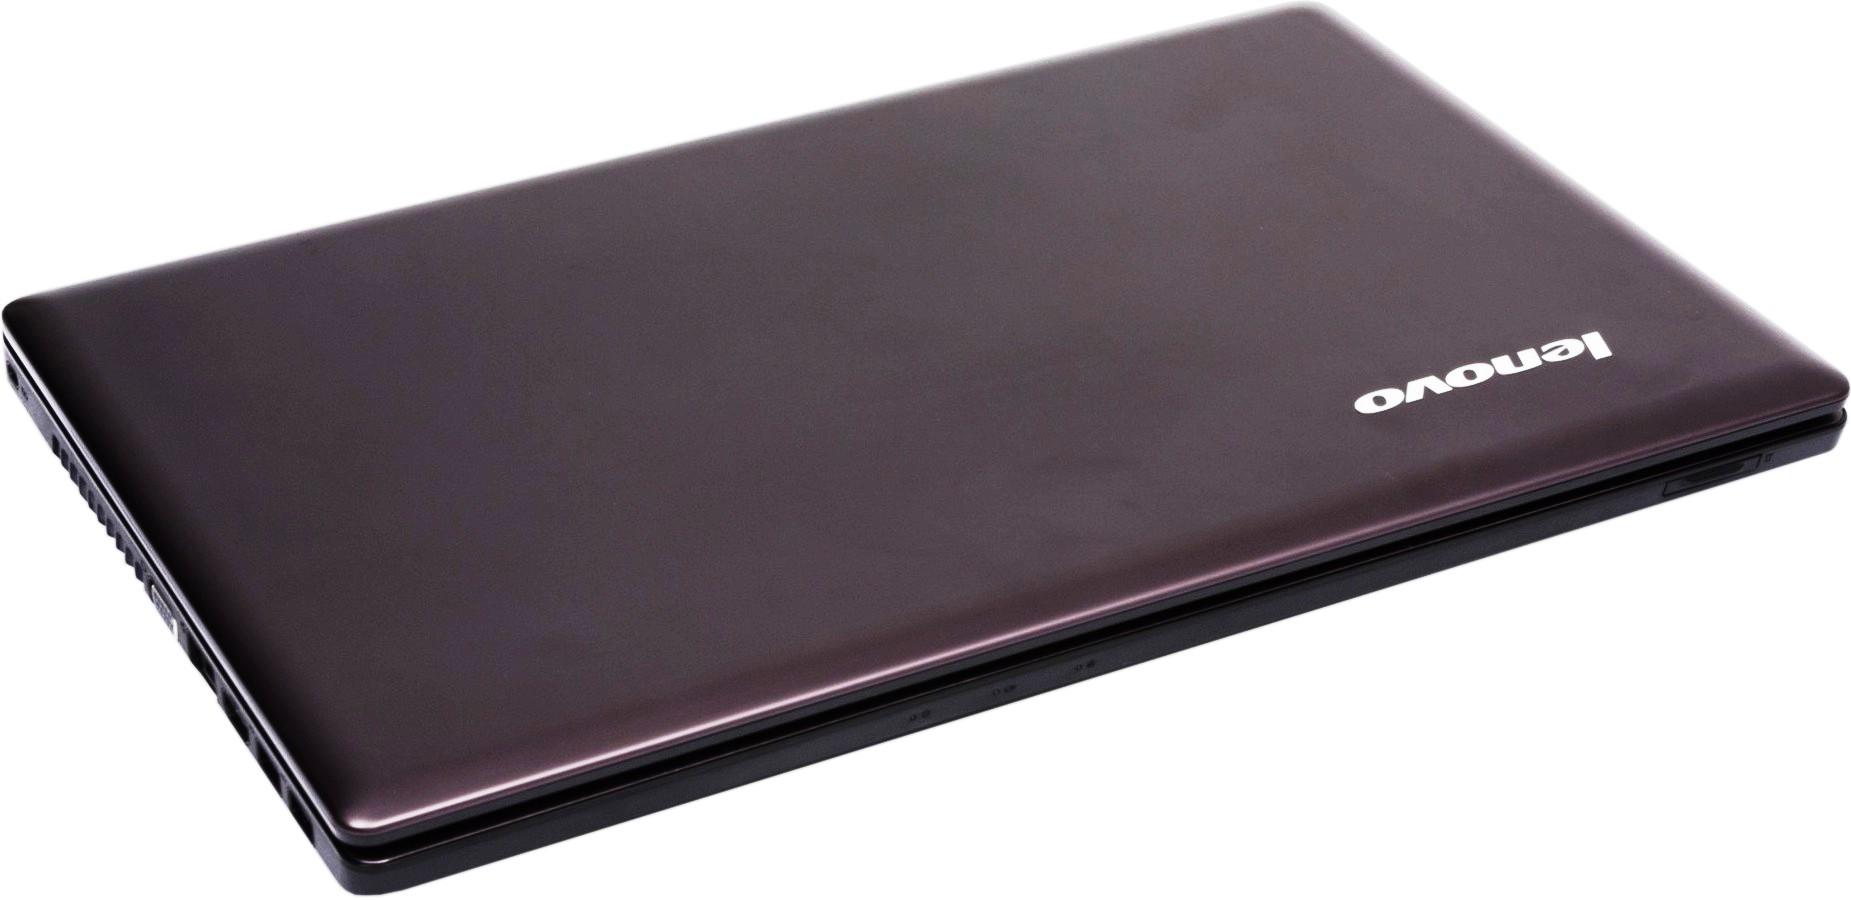 Крышка ноутбука IdeaPad Z580 украшена логотипом Lenovo, который выполнен серебряными буквами немного выступающими над поверхностью